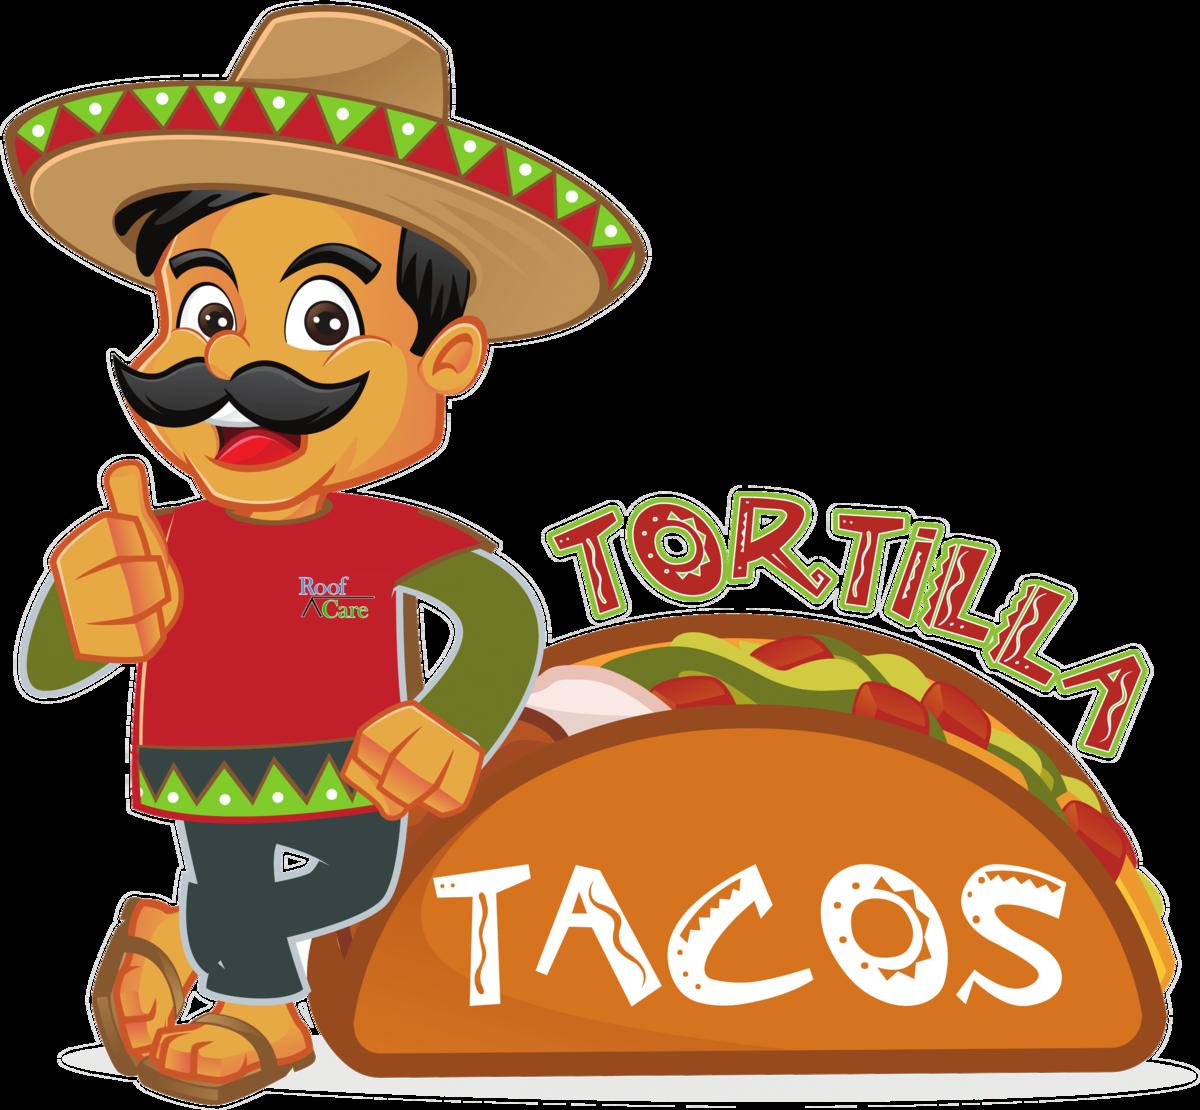 Tacos clipart breakfast. Home tortilla taco food